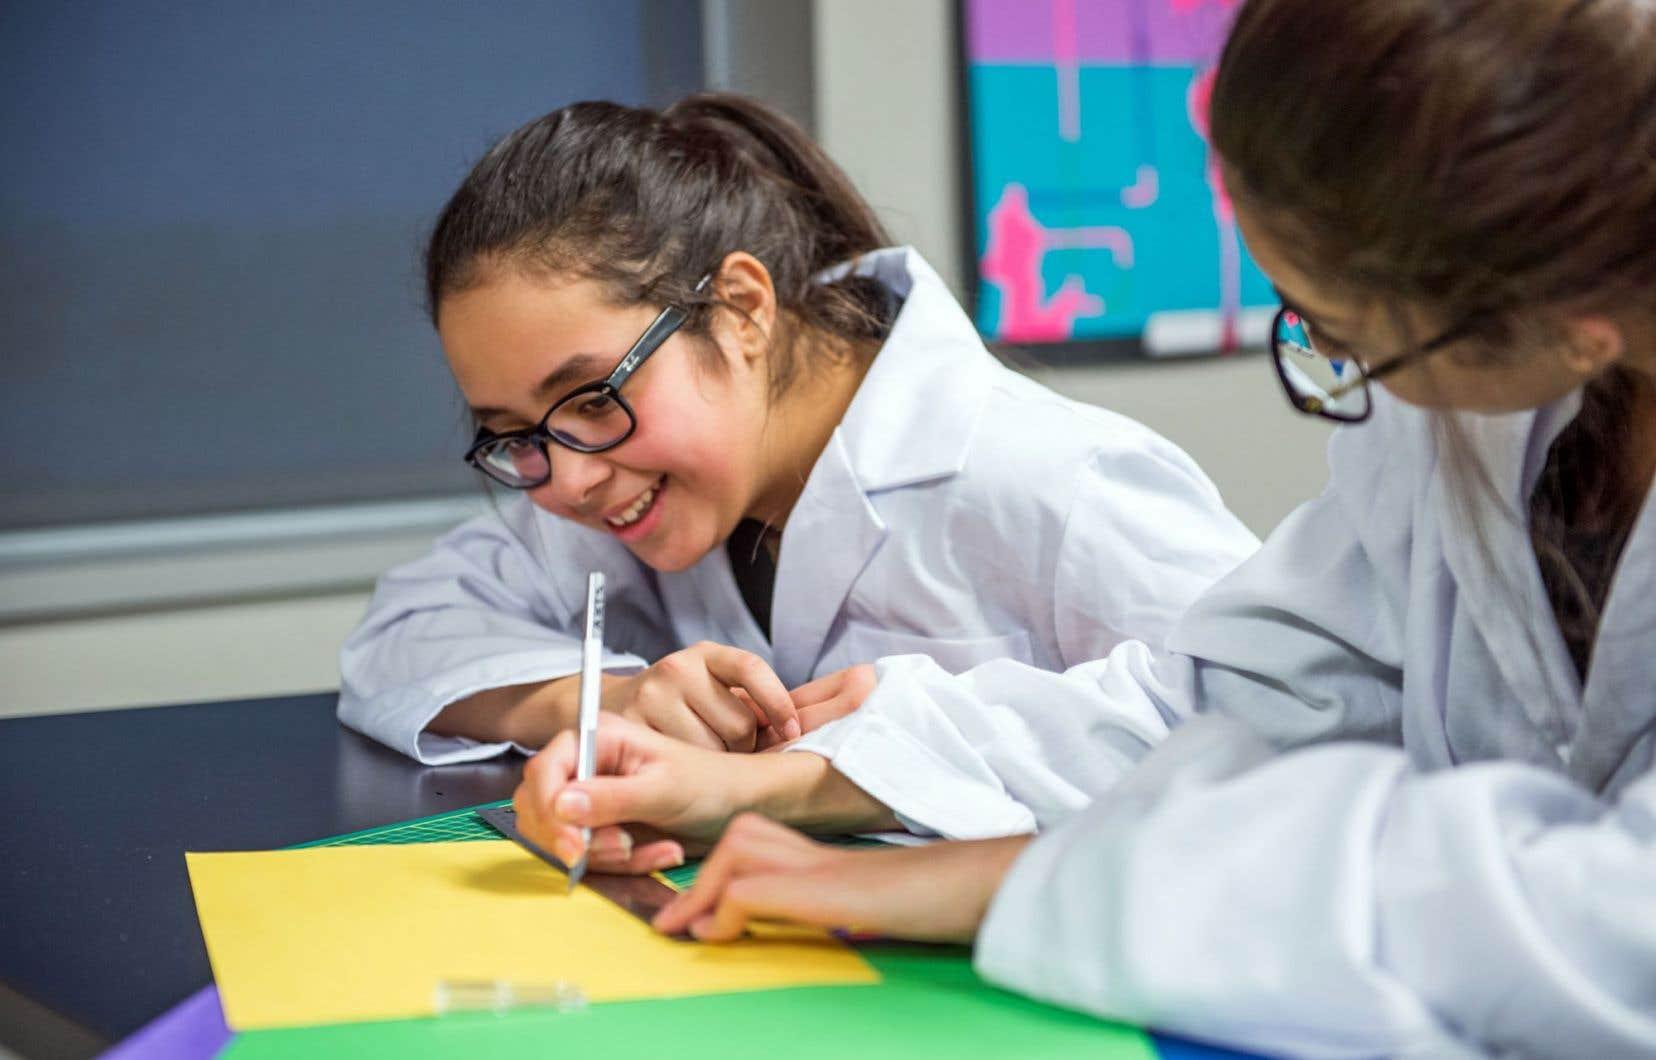 Deux élèves participent à un atelier de prototypage et de création d'un logo d'entreprise éphémère.